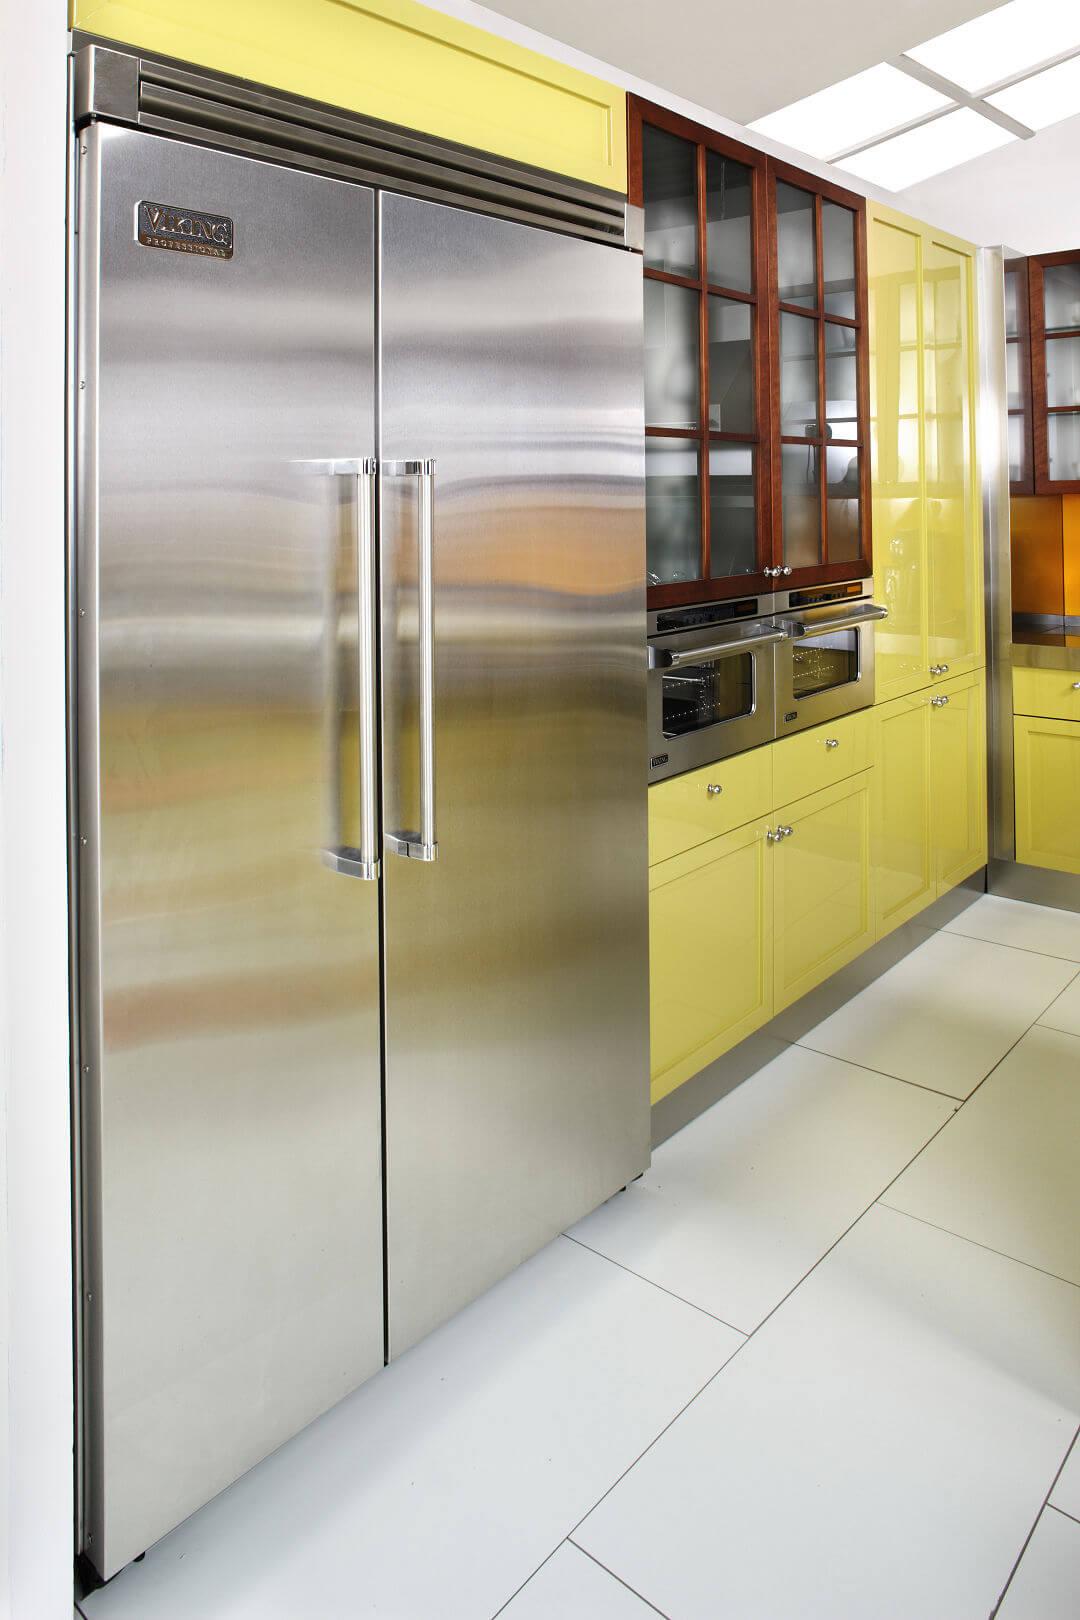 Arca Cucine Italia - Cucine Domestiche in Acciaio Inox - 14 - Cambridge - Frigorifero